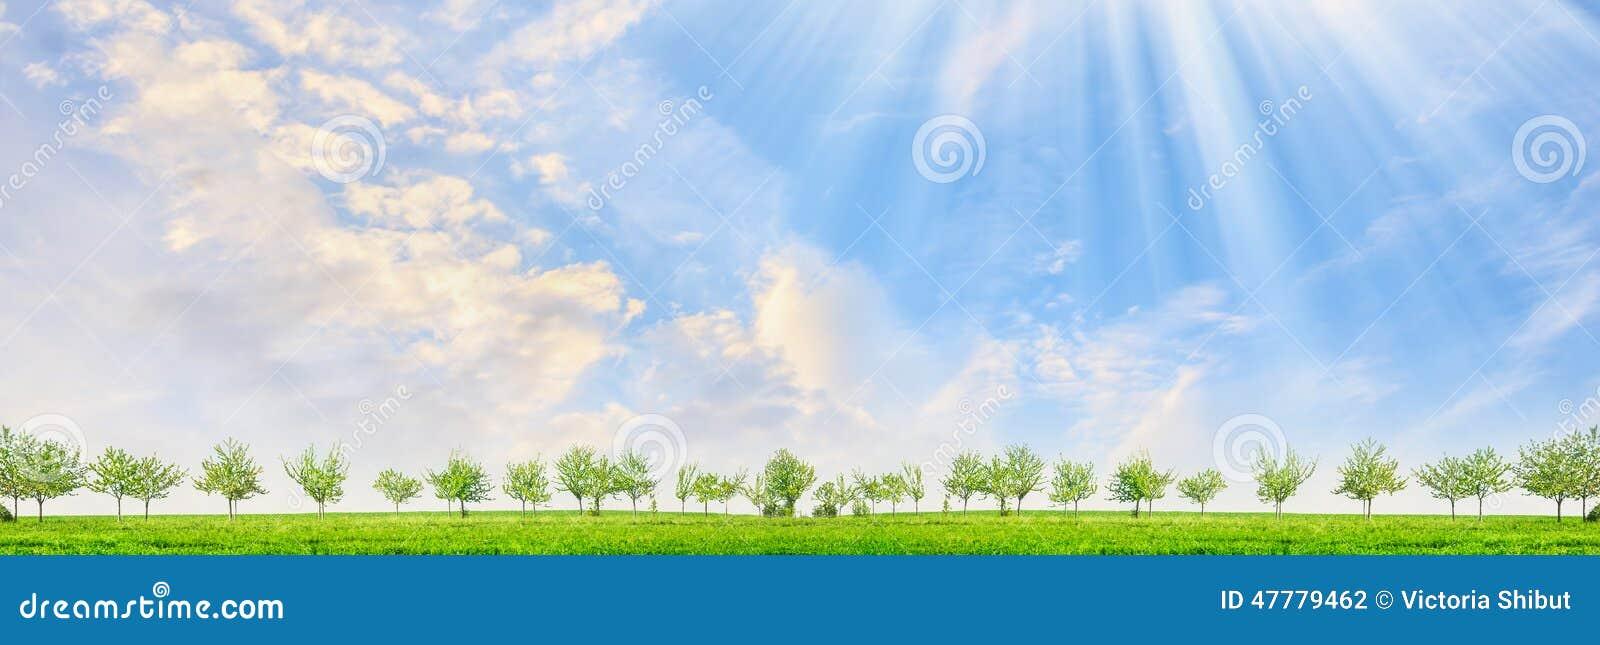 Il paesaggio della primavera con i giovani alberi e sole rays sul fondo del cielo blu